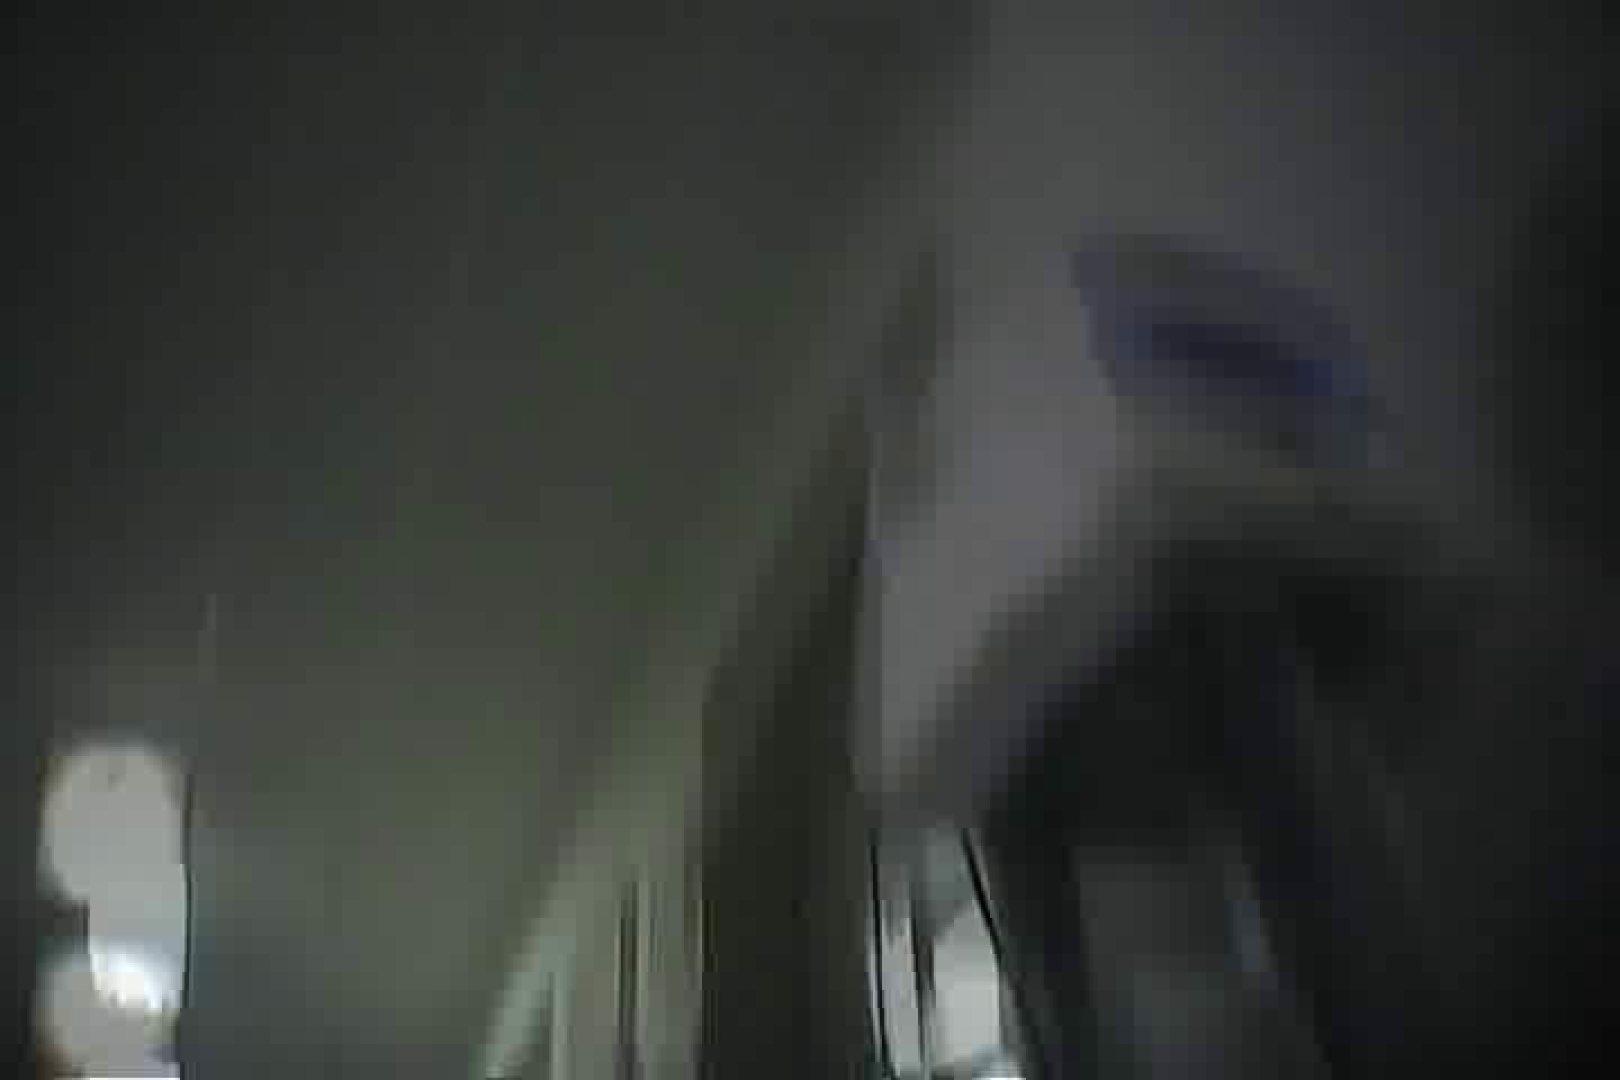 デパートローアングル徘徊 靴カメ盗撮Vol.6 独占盗撮  100連発 56